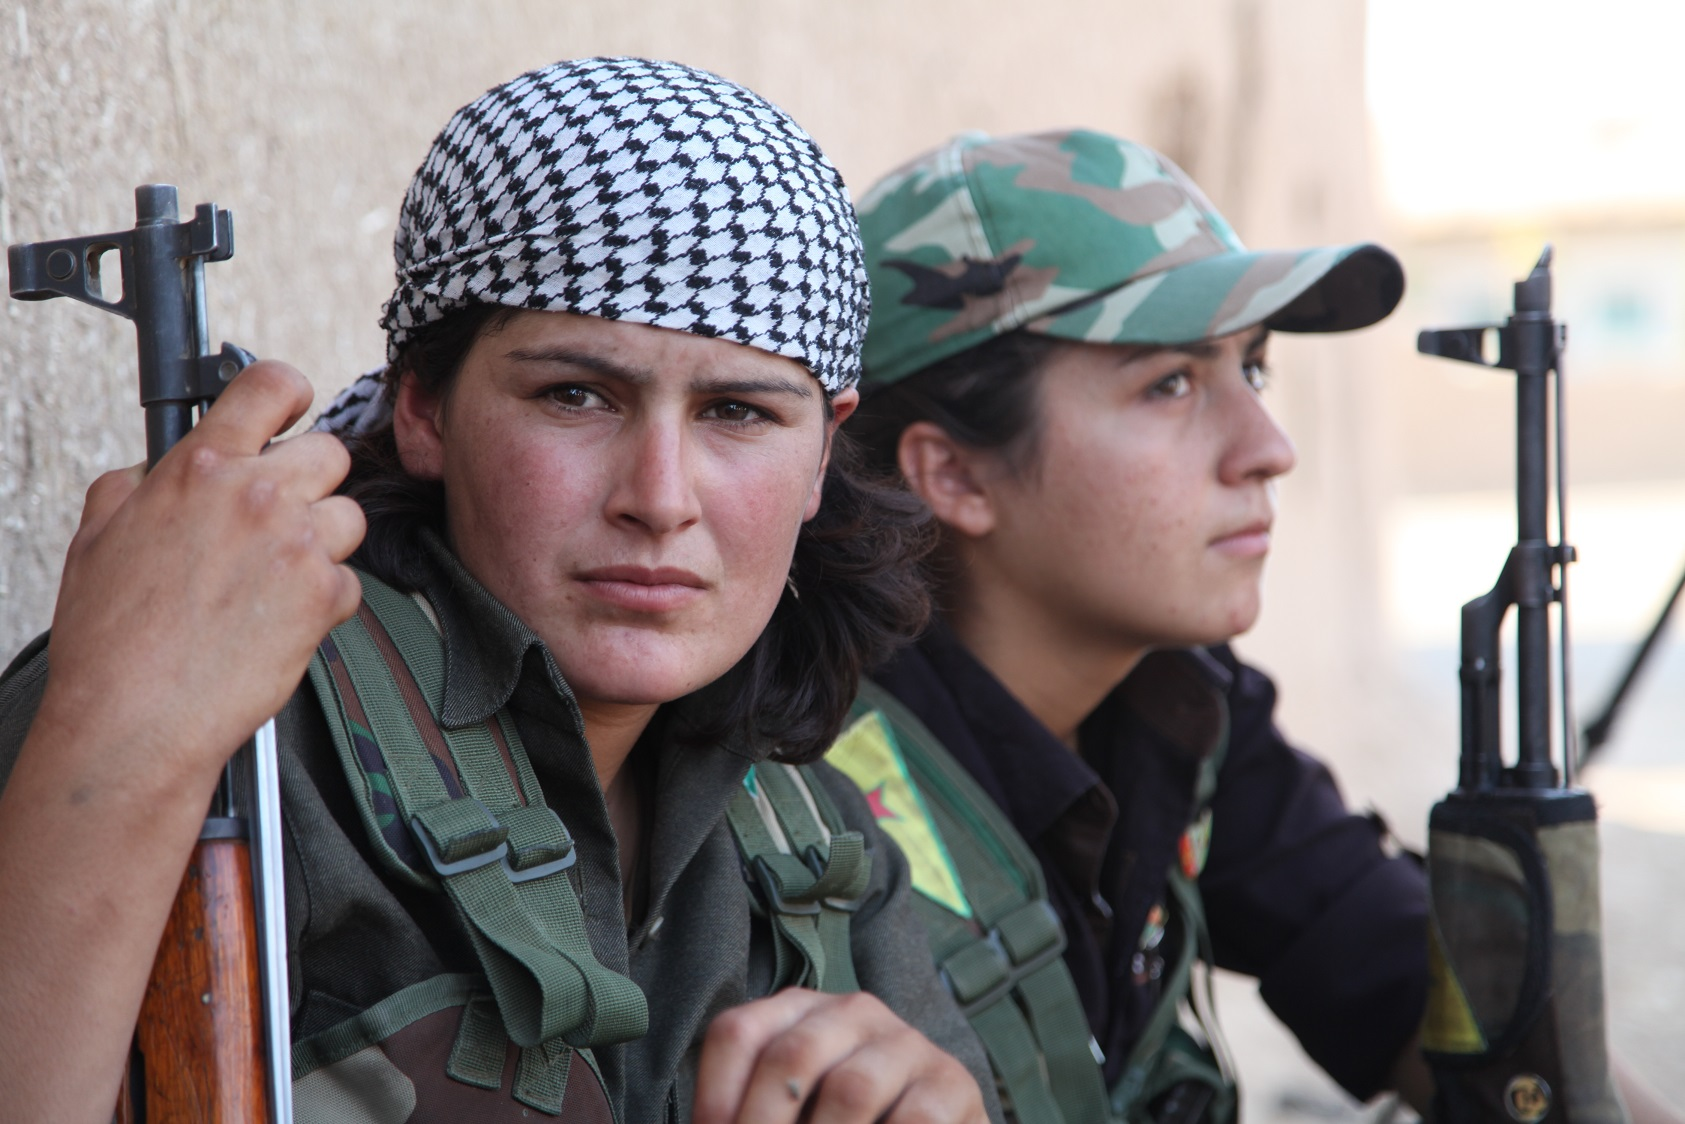 Hot military women